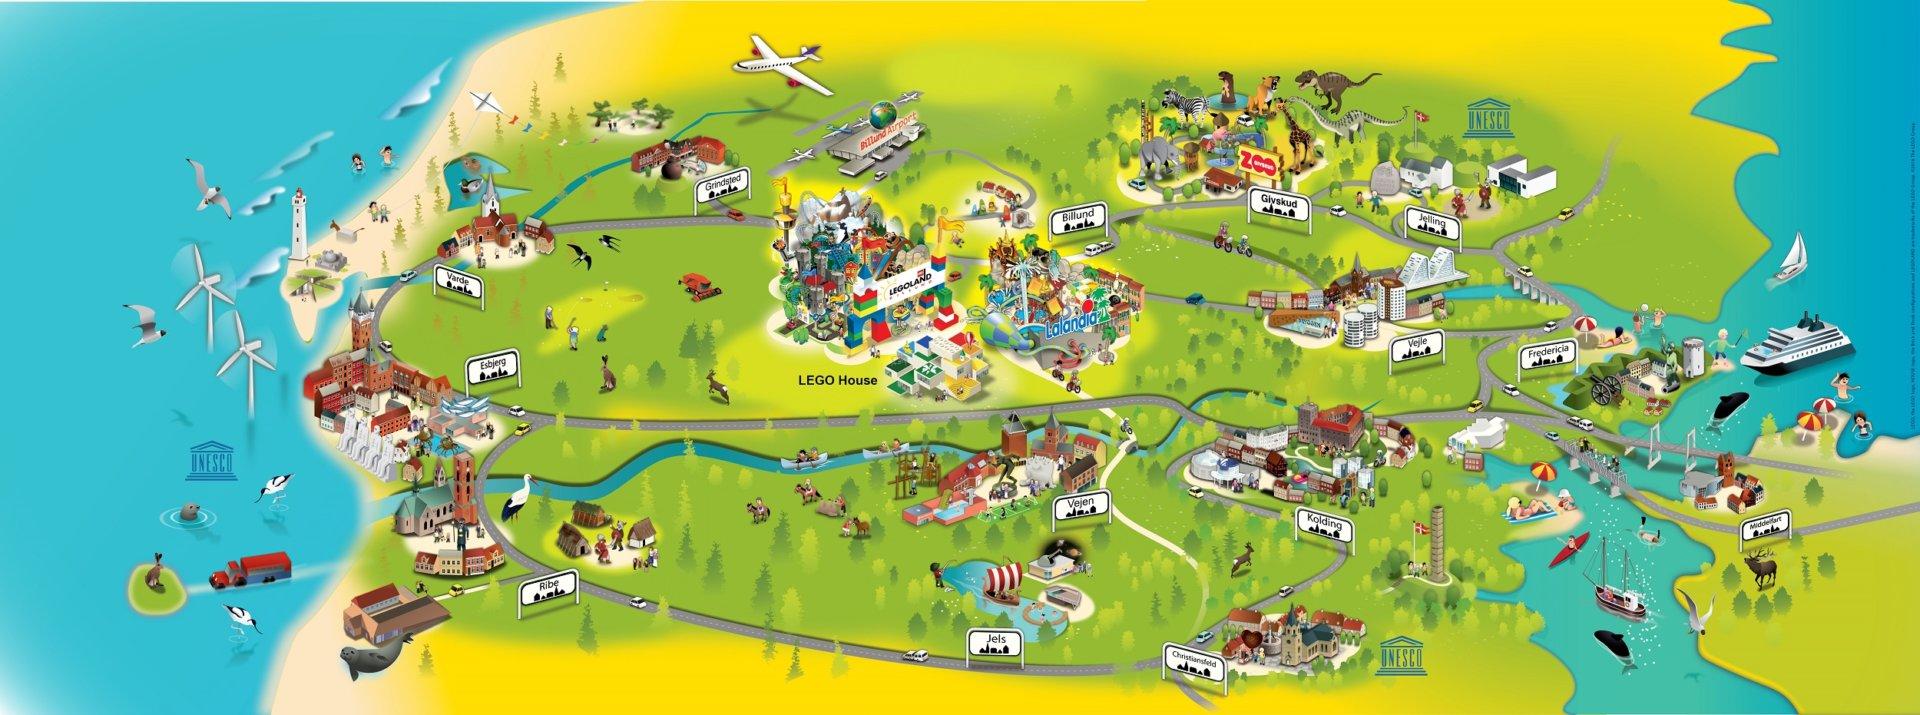 atrakcje okolice LEGOLAND Dania mapa co zobaczyć z dzieckiem 2019 a